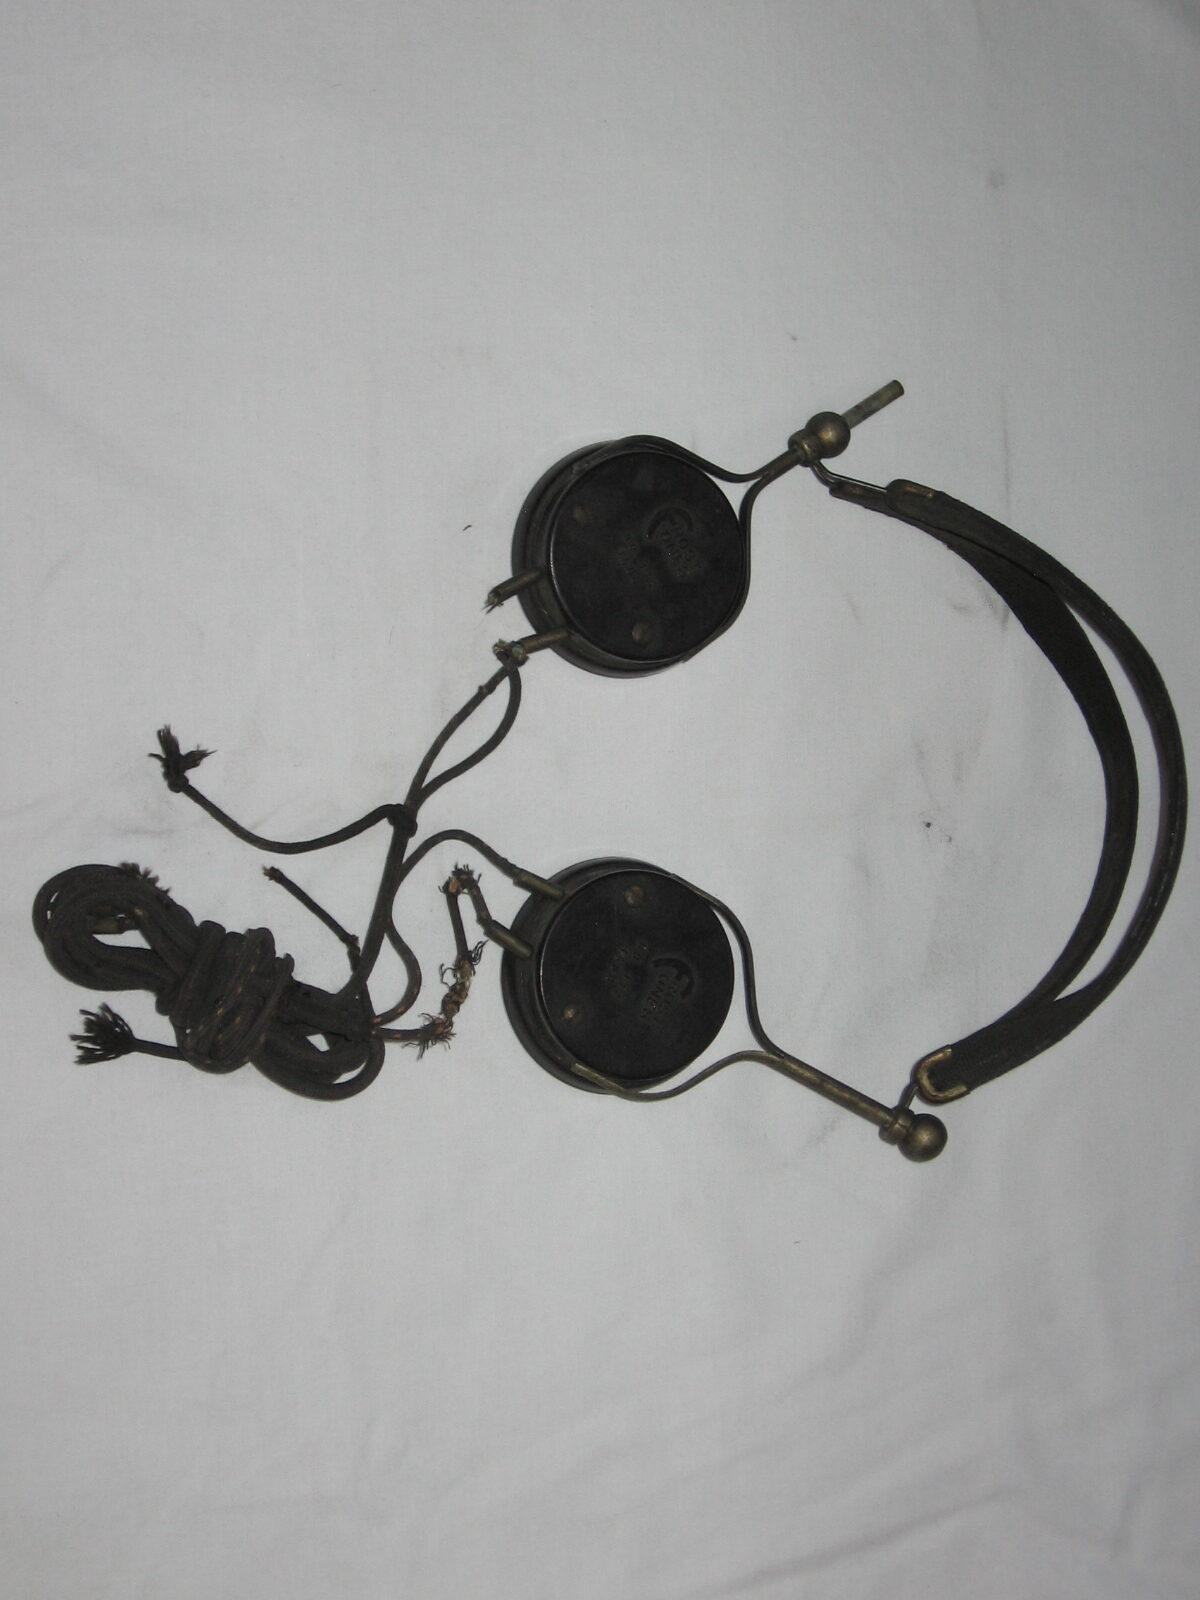 PARS Antique Radio Headphones